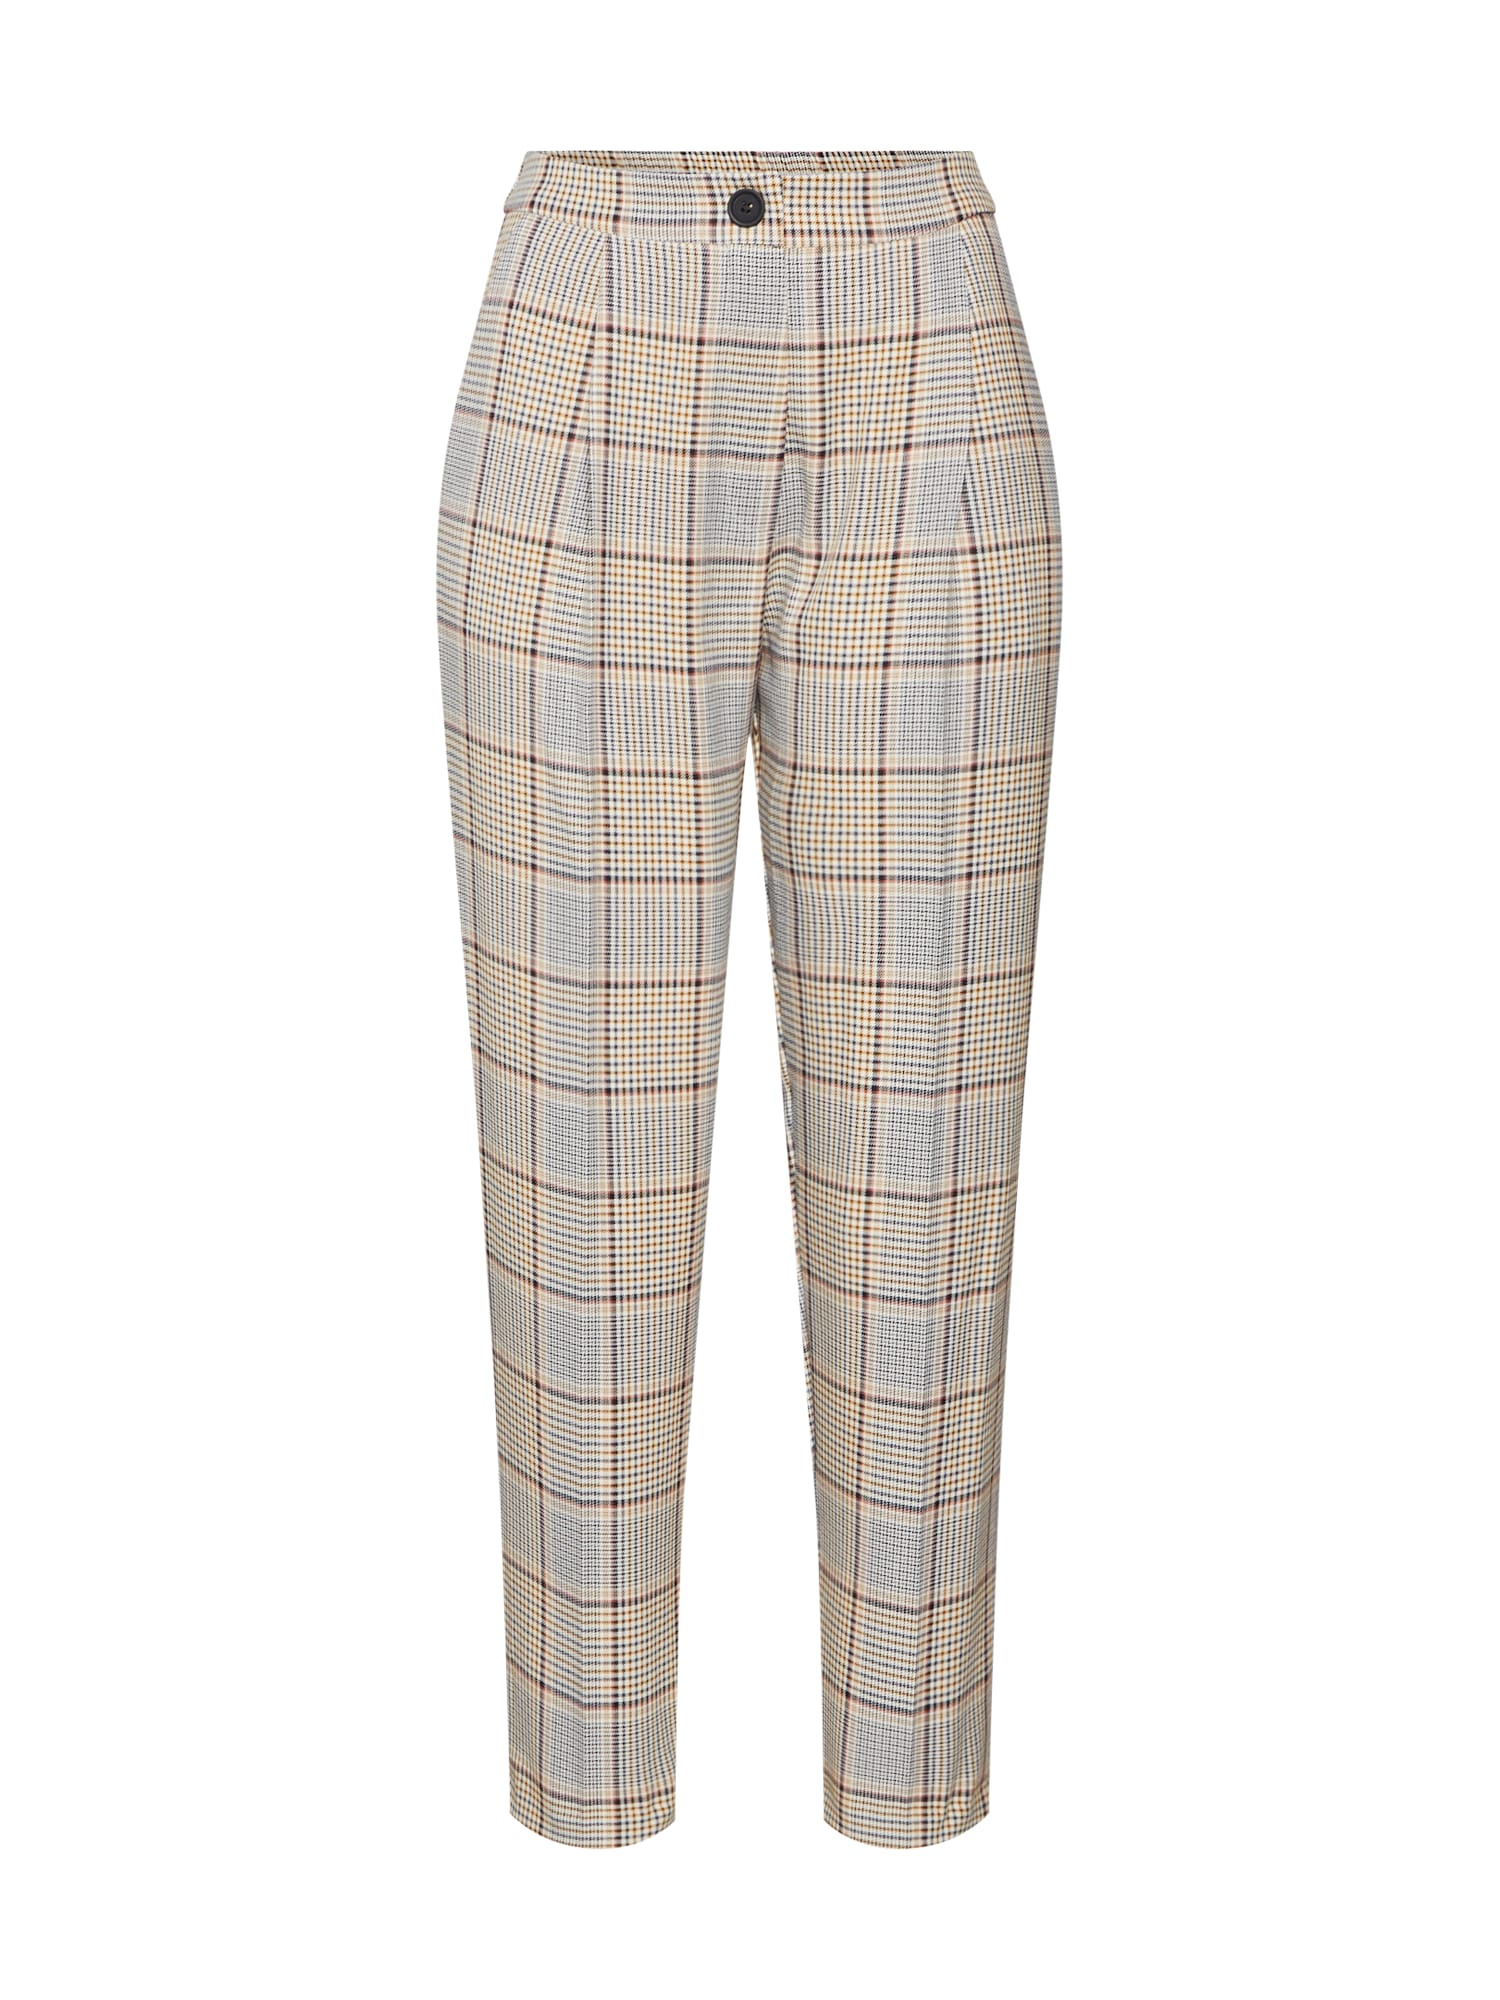 Kalhoty se sklady v pase Spring Check Vicky hnědá koňaková šedá NEW LOOK